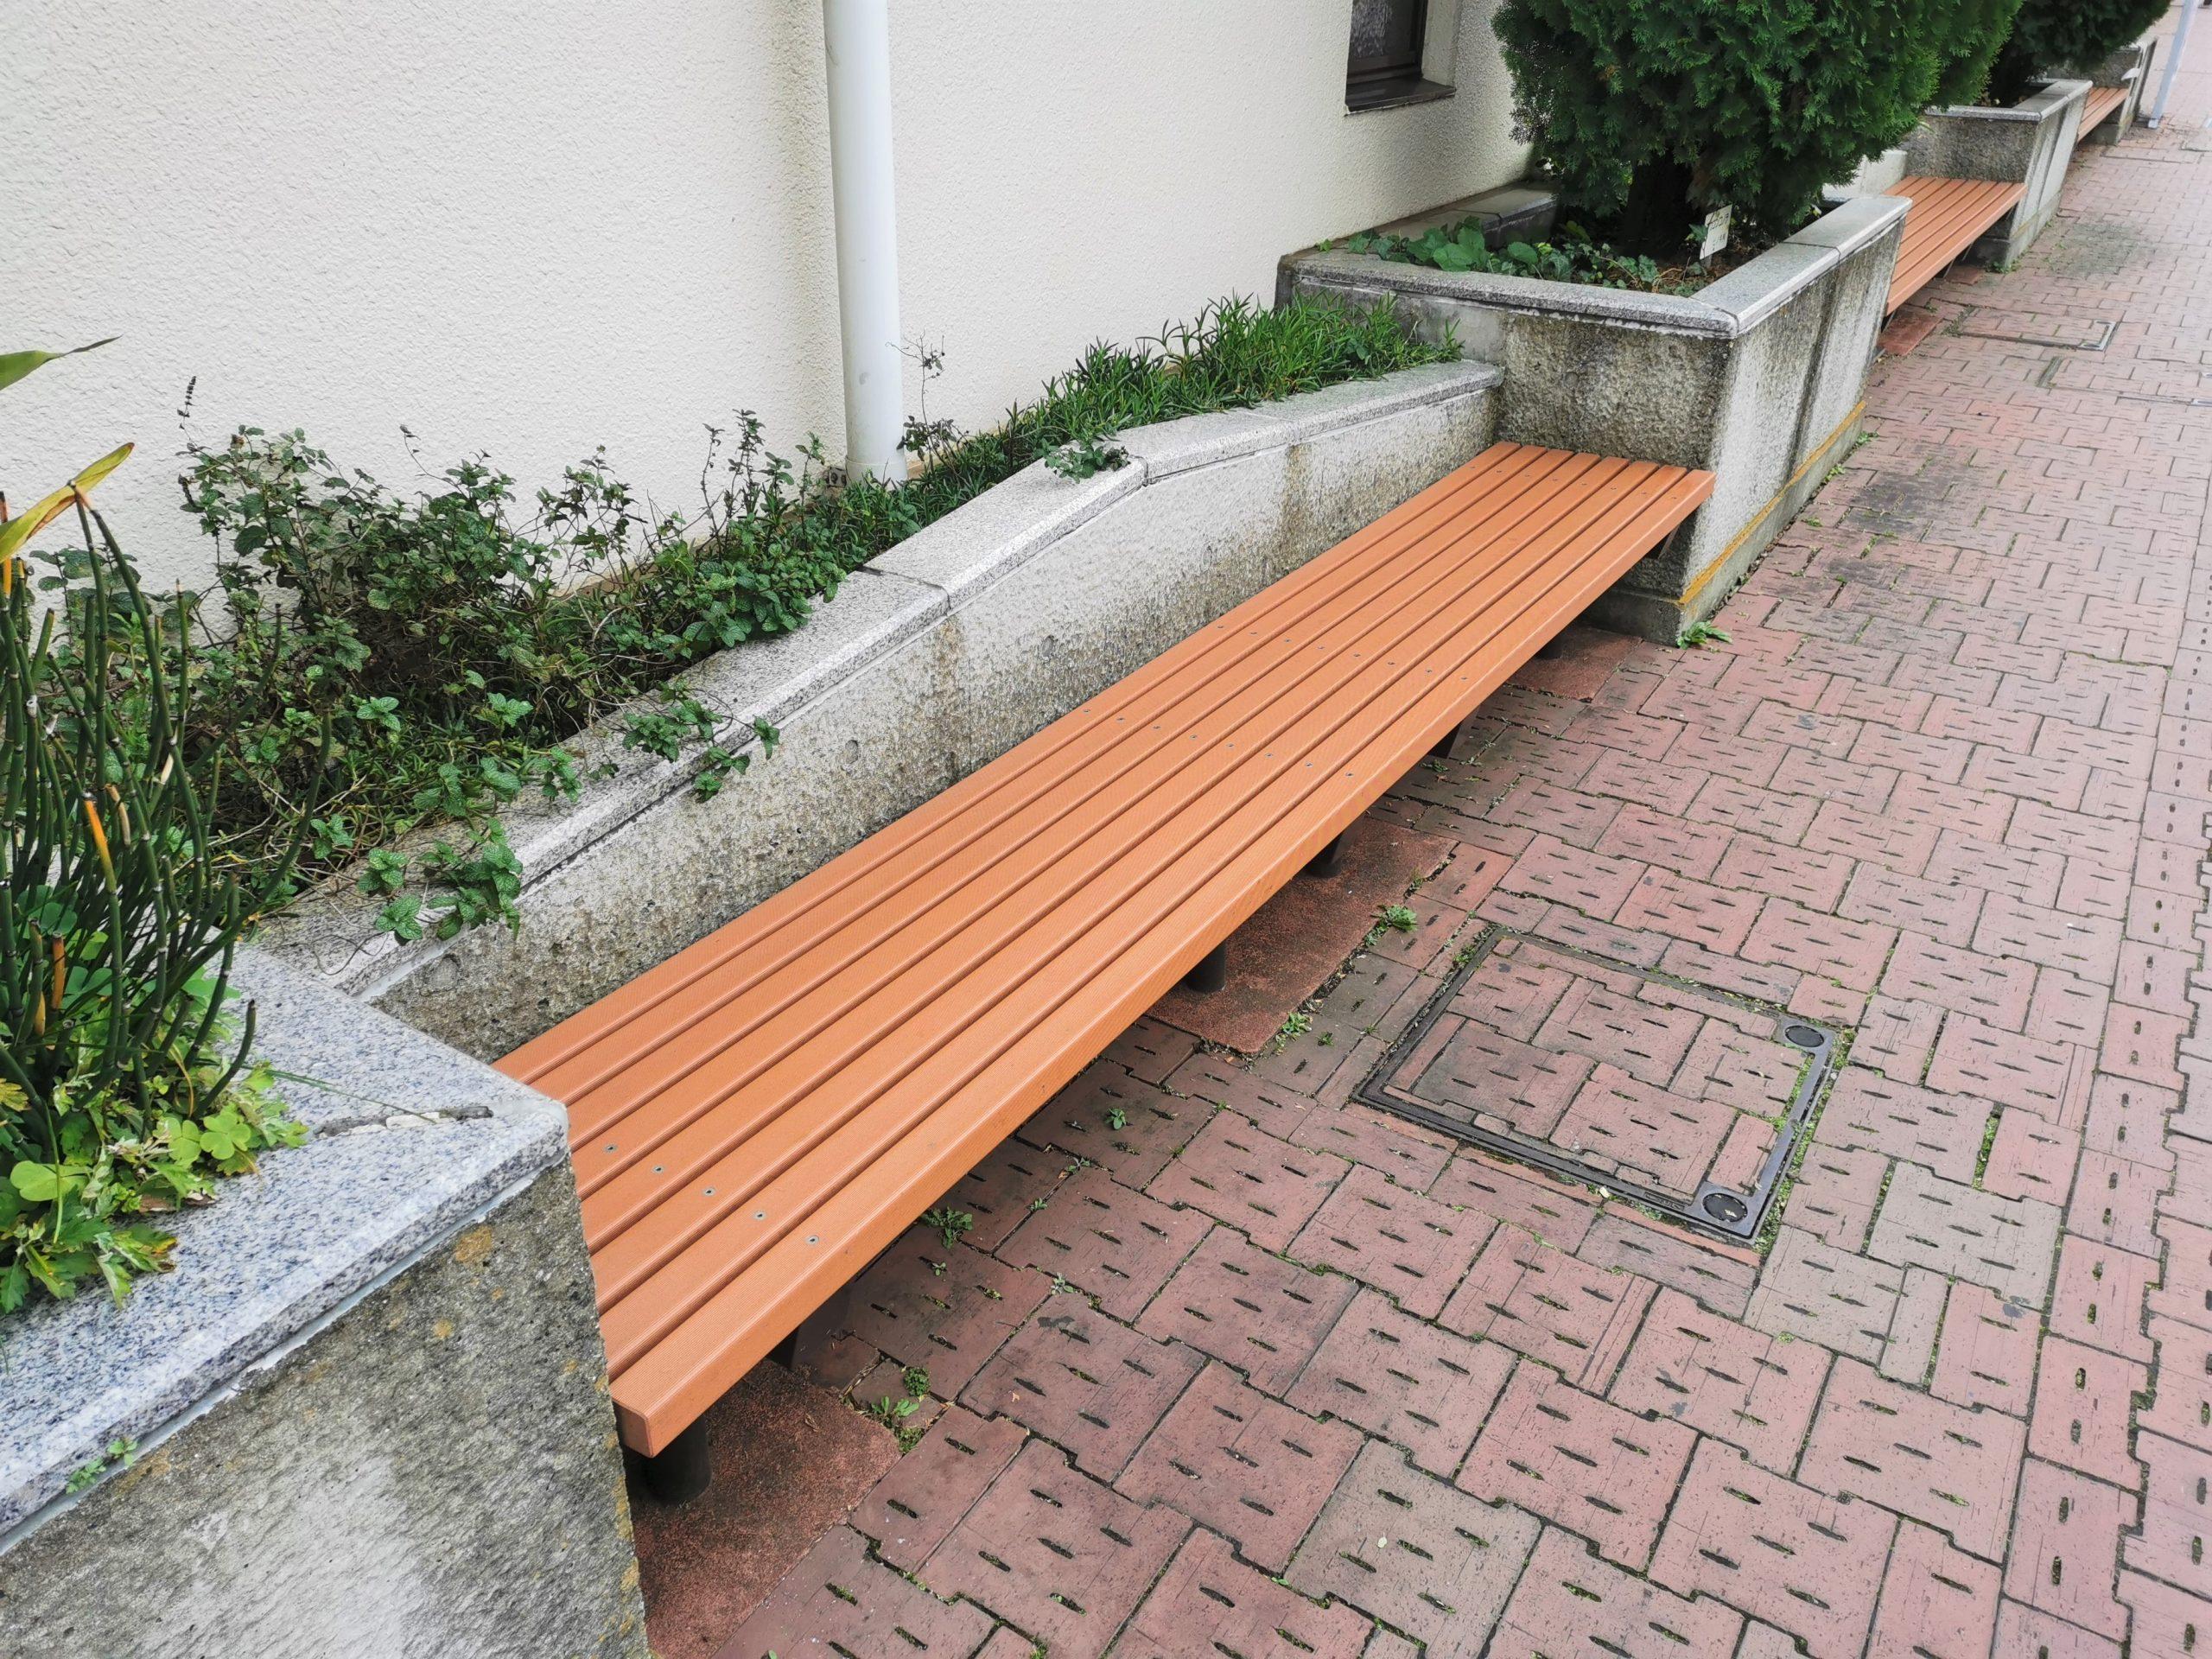 千歳船橋駅 桜丘ホール前の休憩場所のベンチ